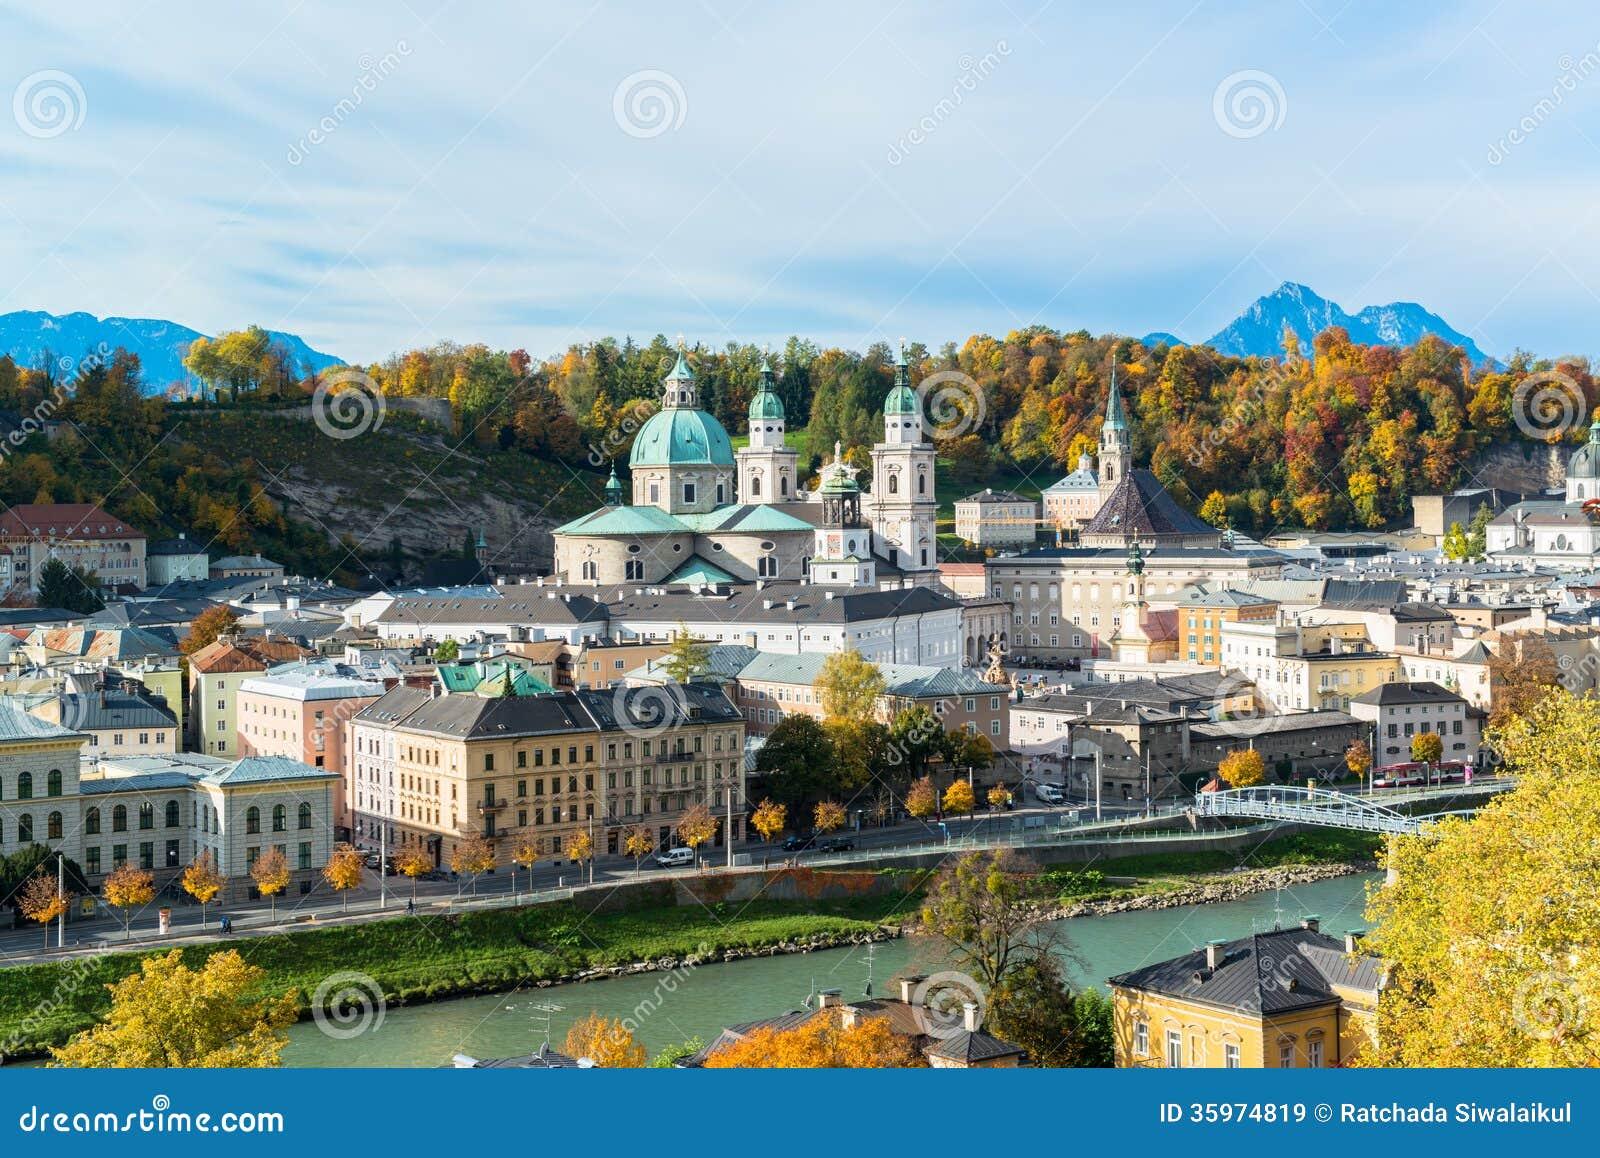 Vista general del centro histórico de Salzburg